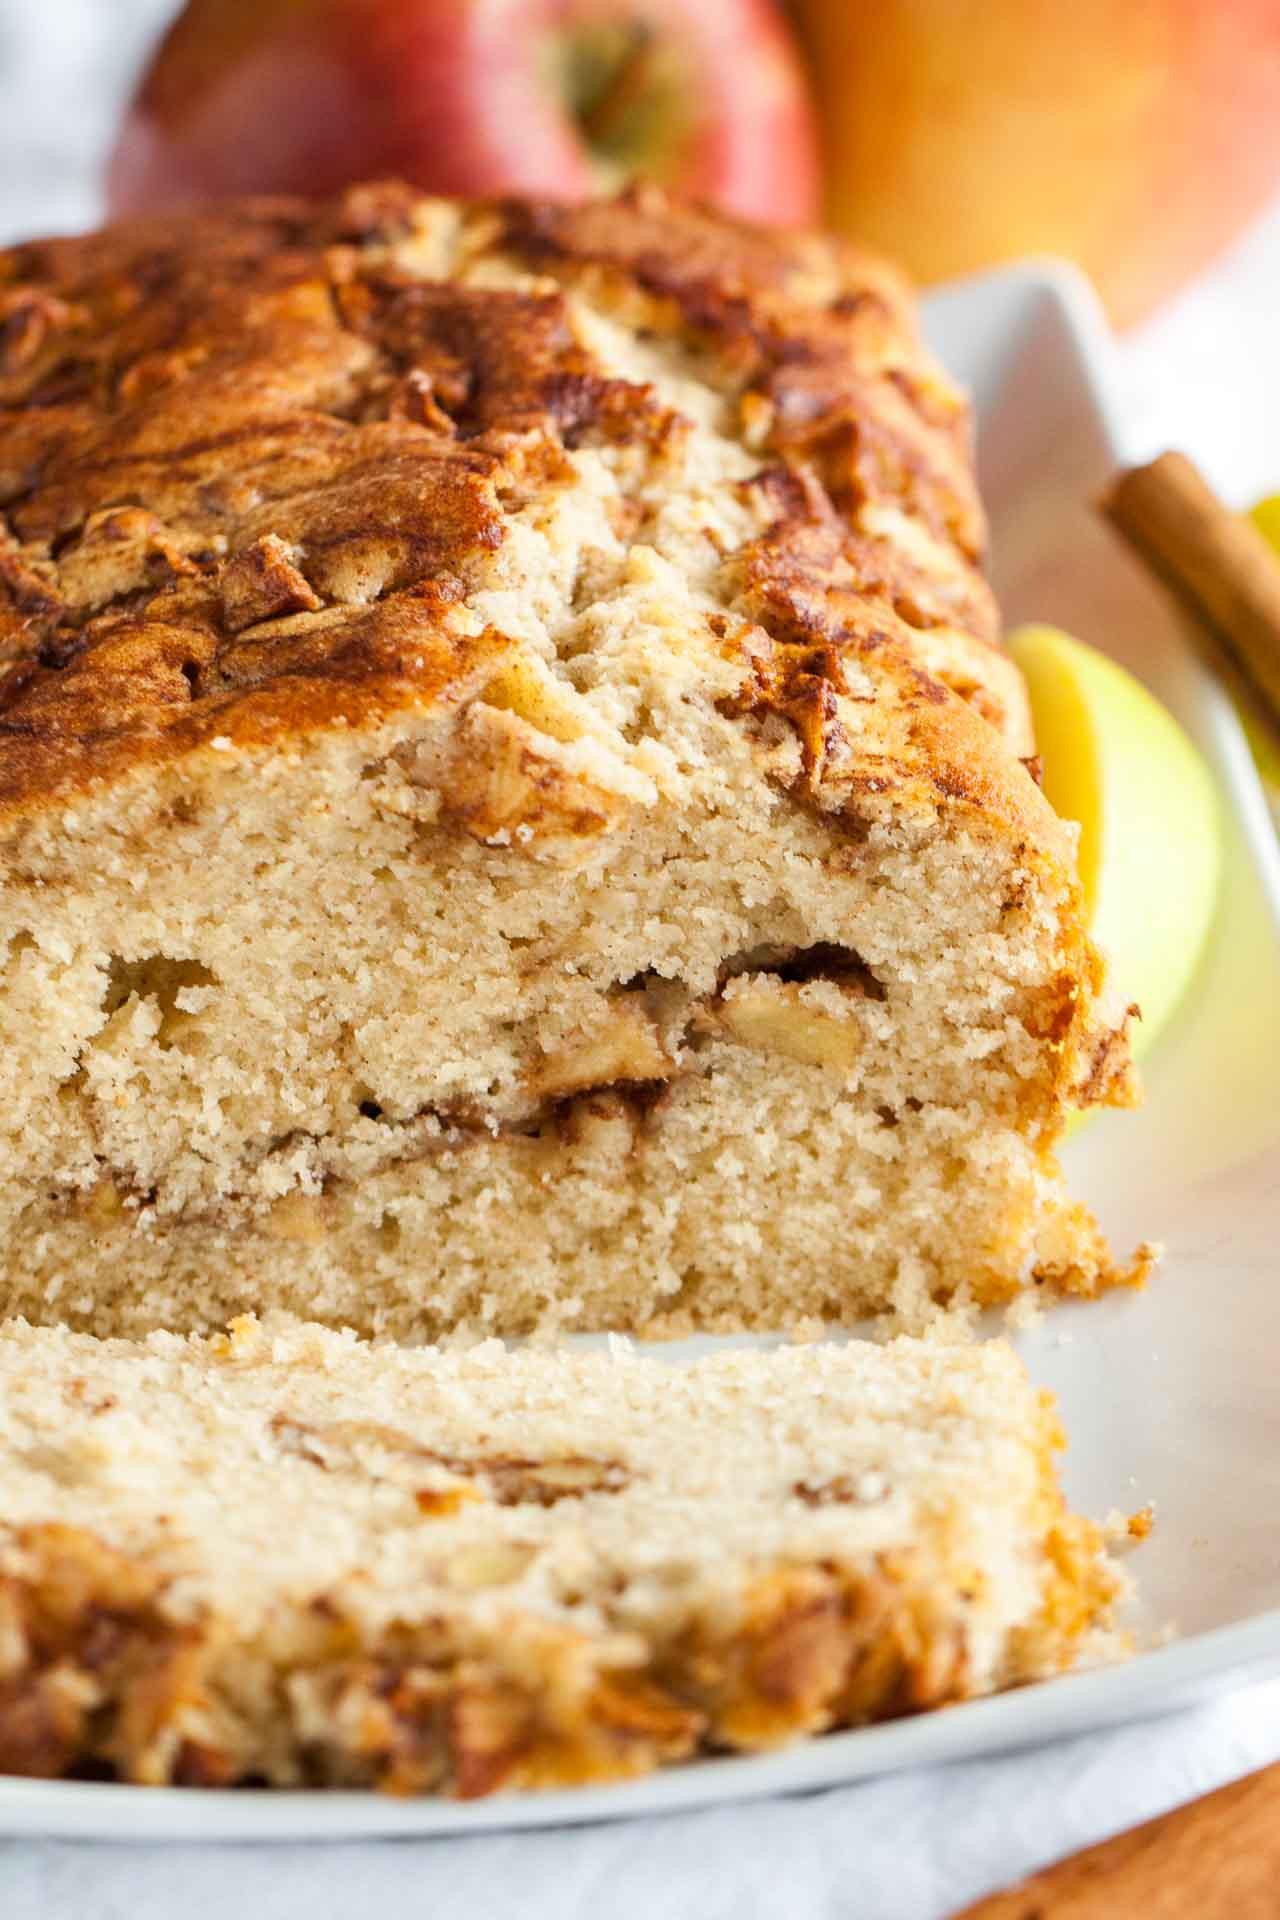 Quick Bread Recipe  Apple Cinnamon Bread Recipe An easy fall quick bread recipe